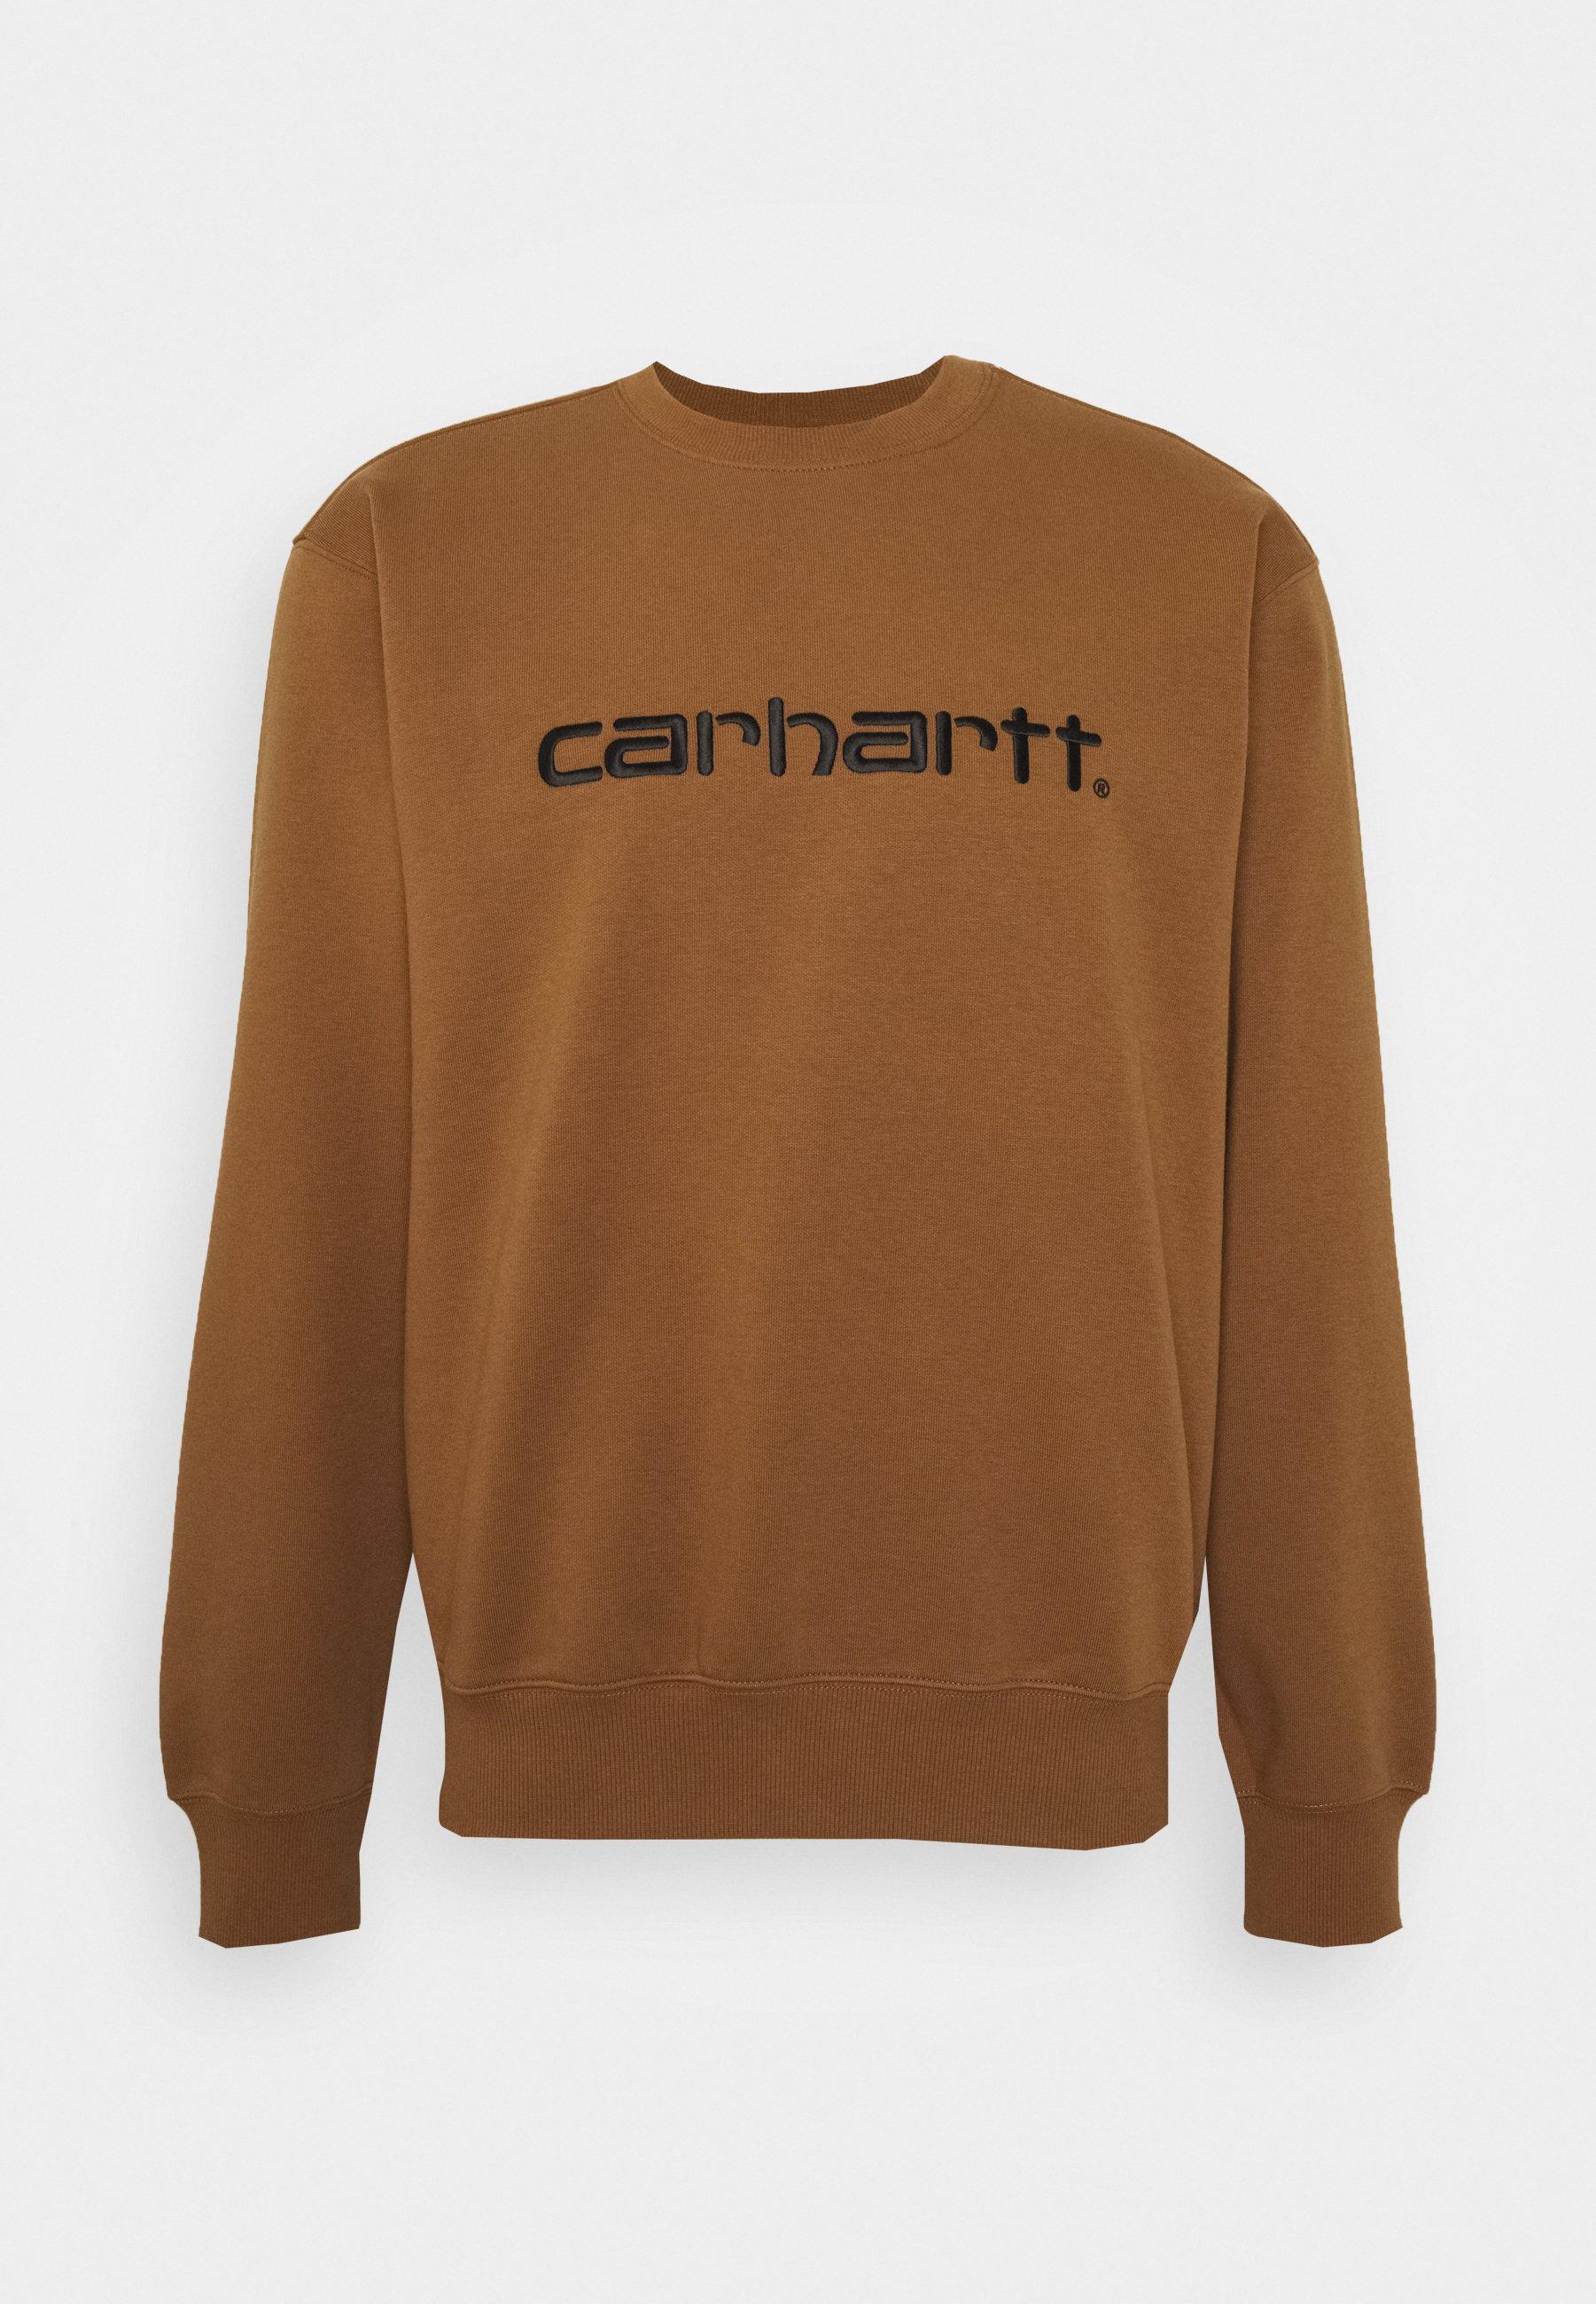 carhartt schwarz herren sweatshirt